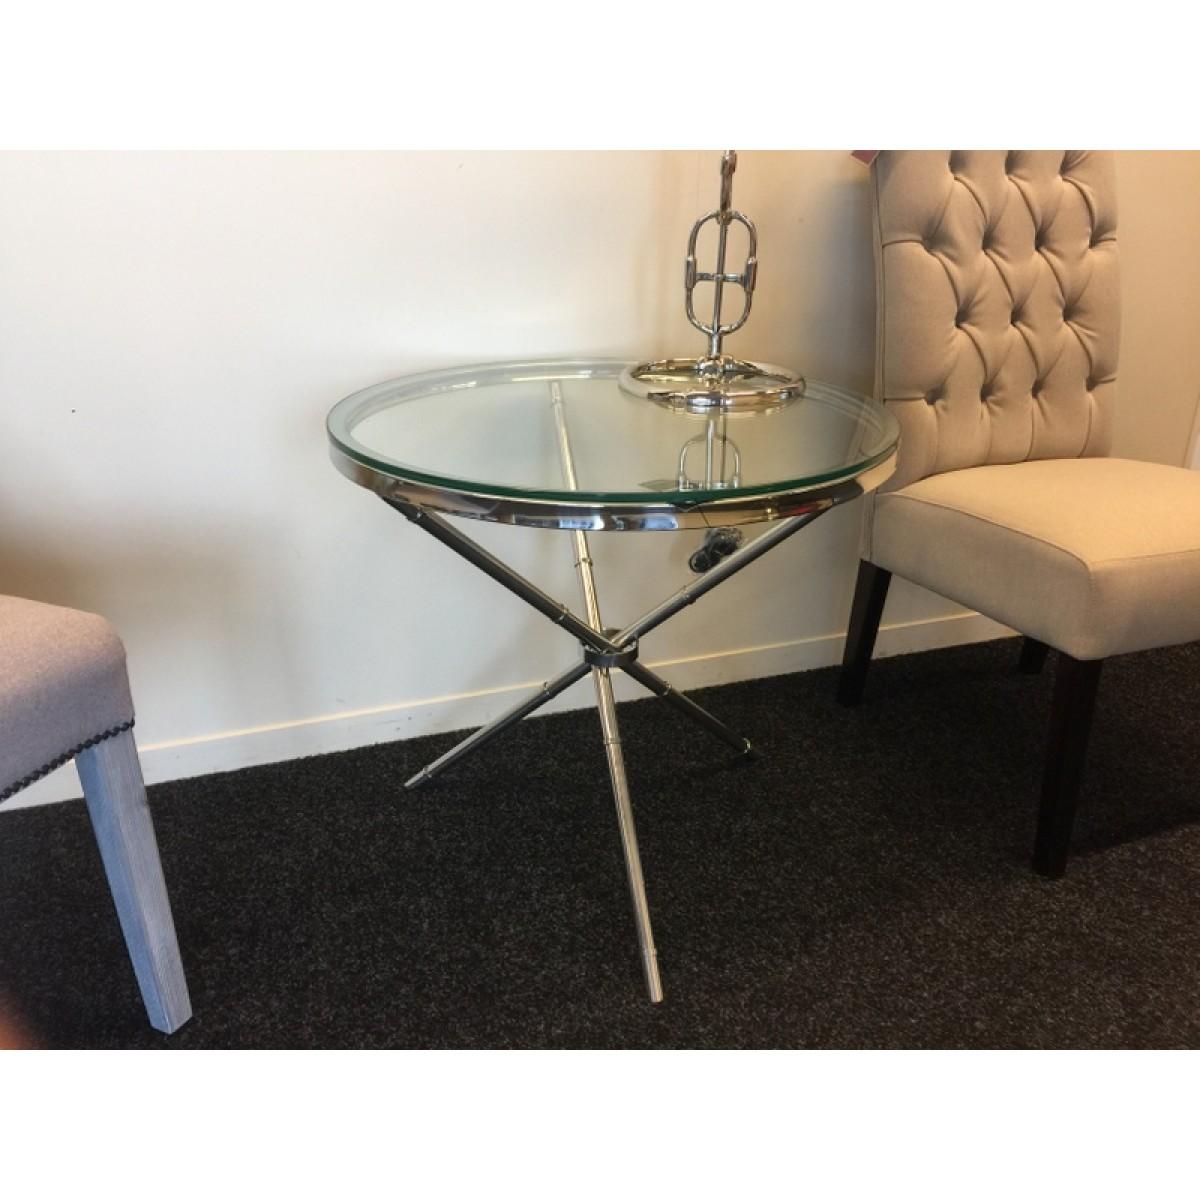 Esstisch Coavas Rund Küchentisch Modern Büro: Tisch Rund Silber